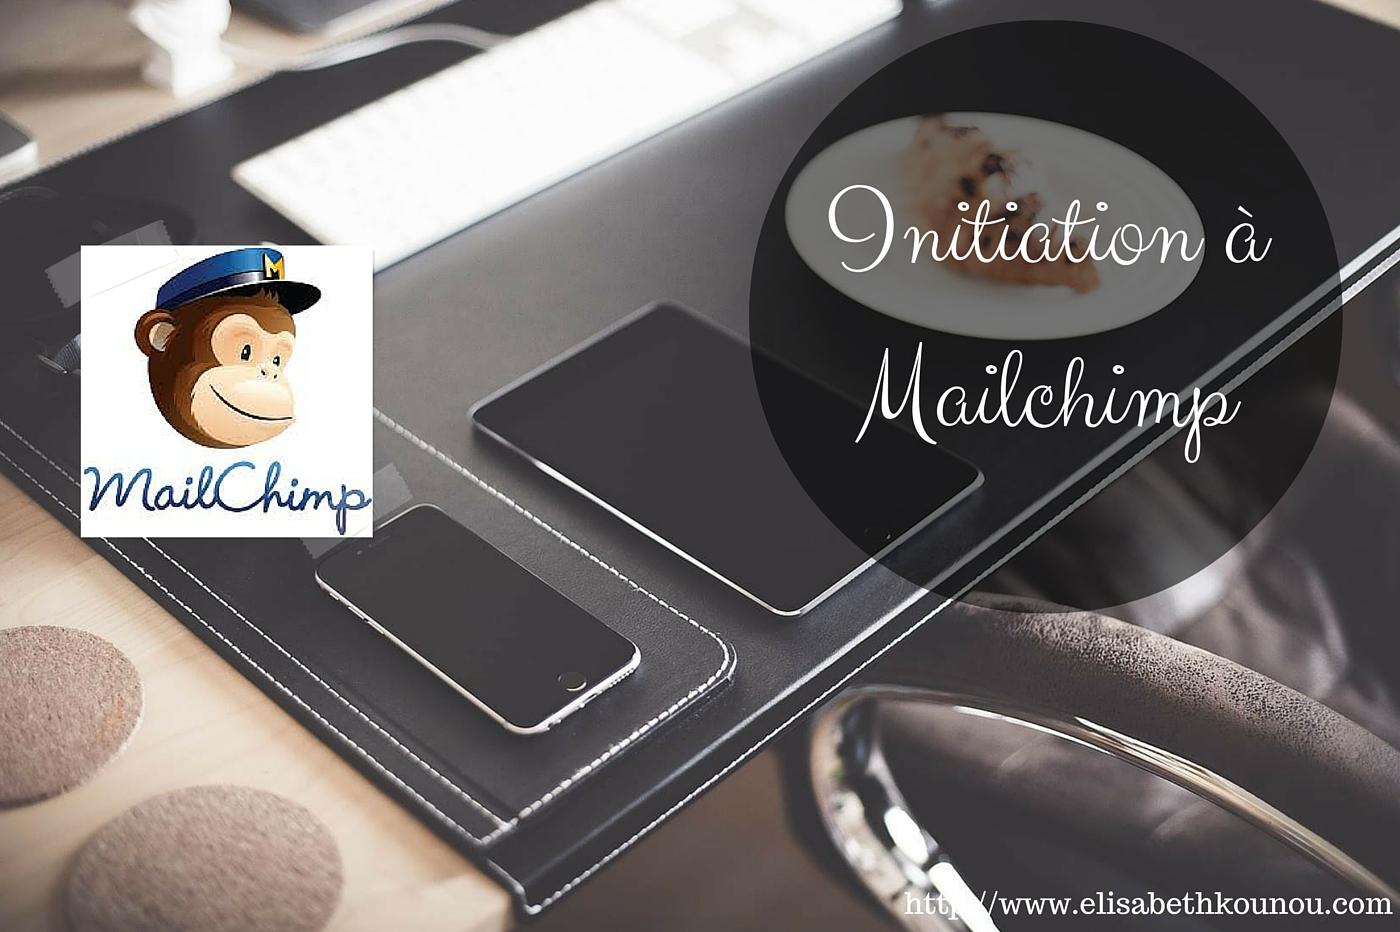 comment utiliser Mailchimp